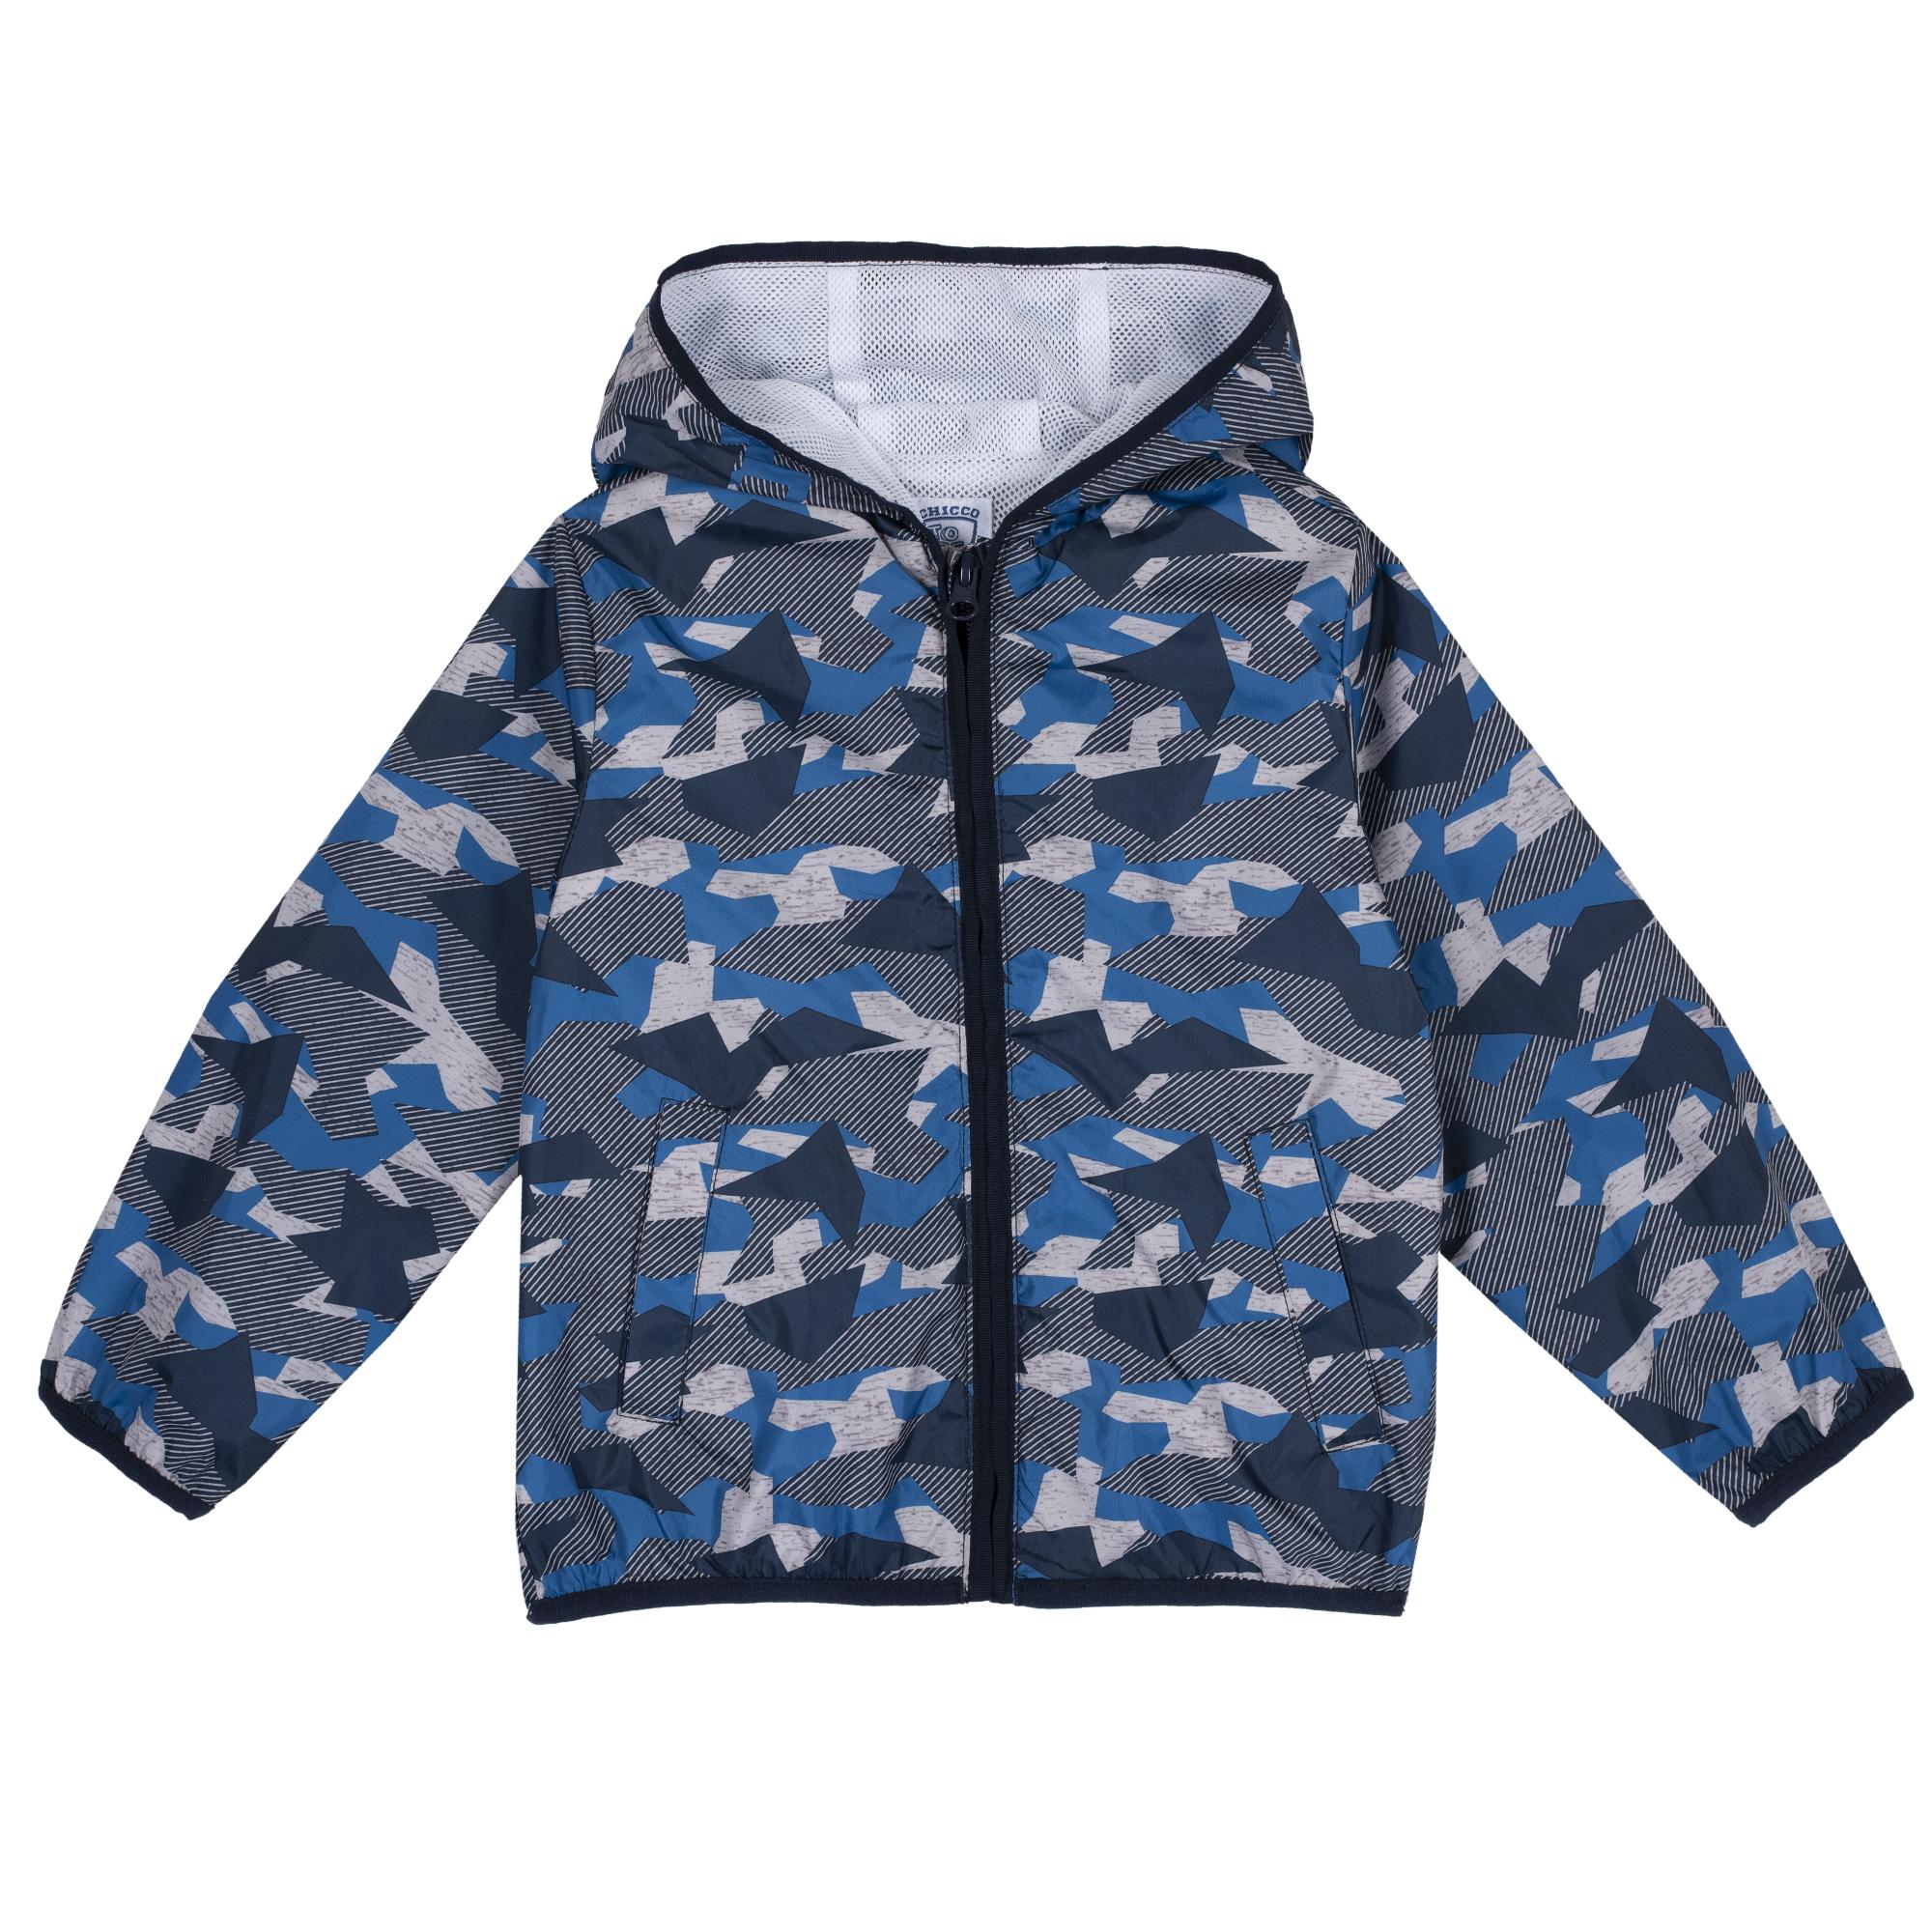 Jacheta copii Chicco, cu gluga, albastru, 87454